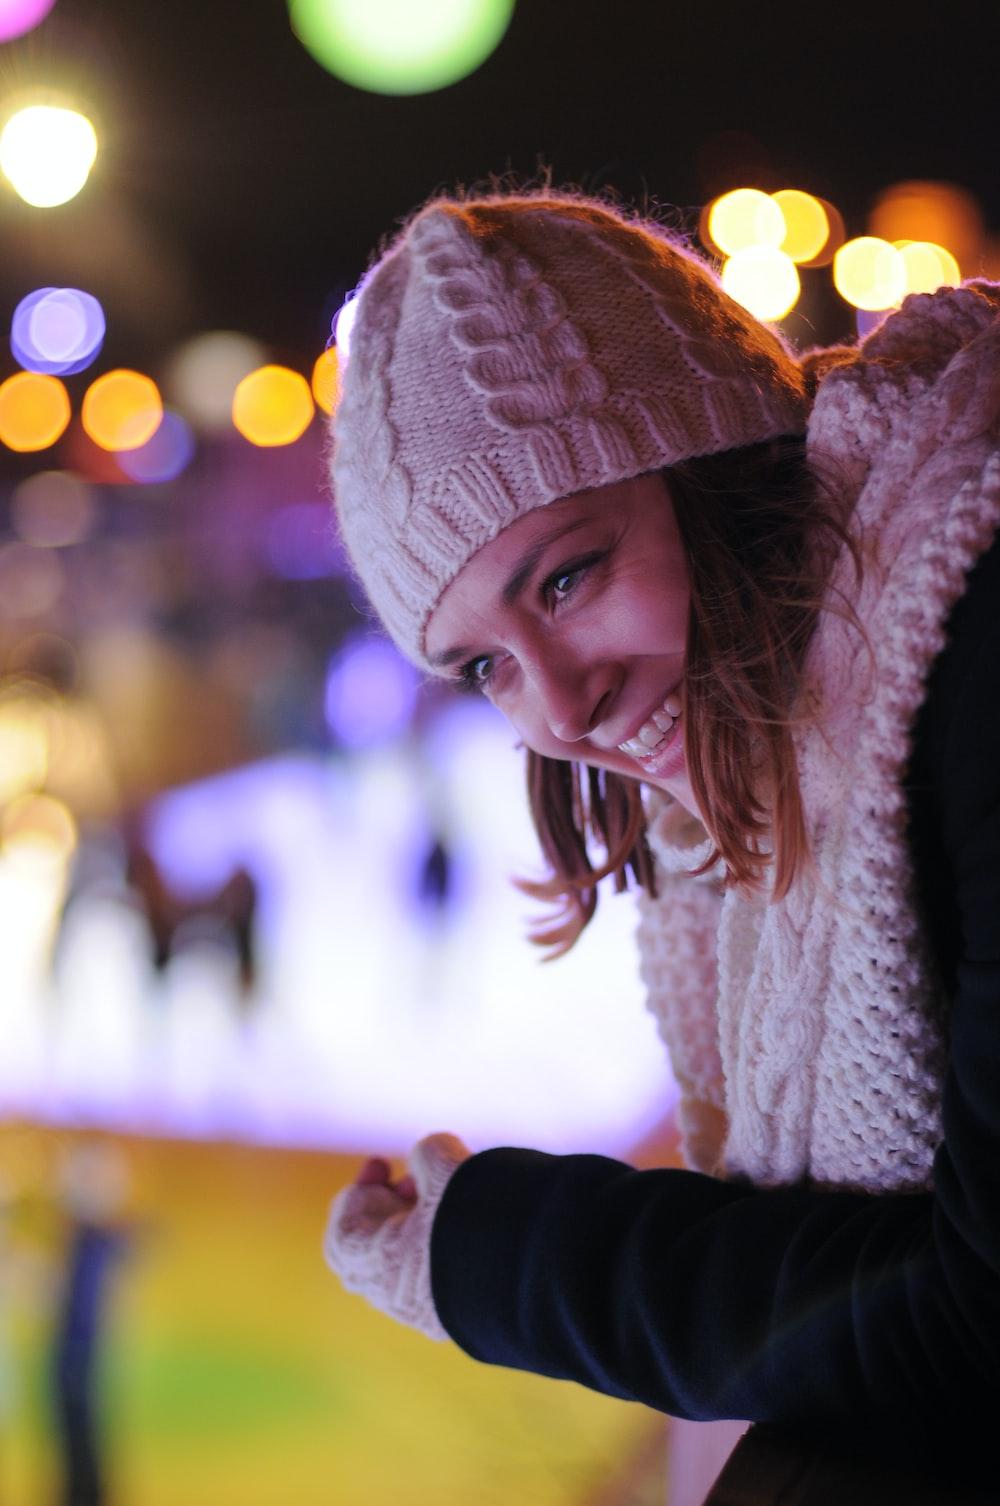 woman wearing white knit cap